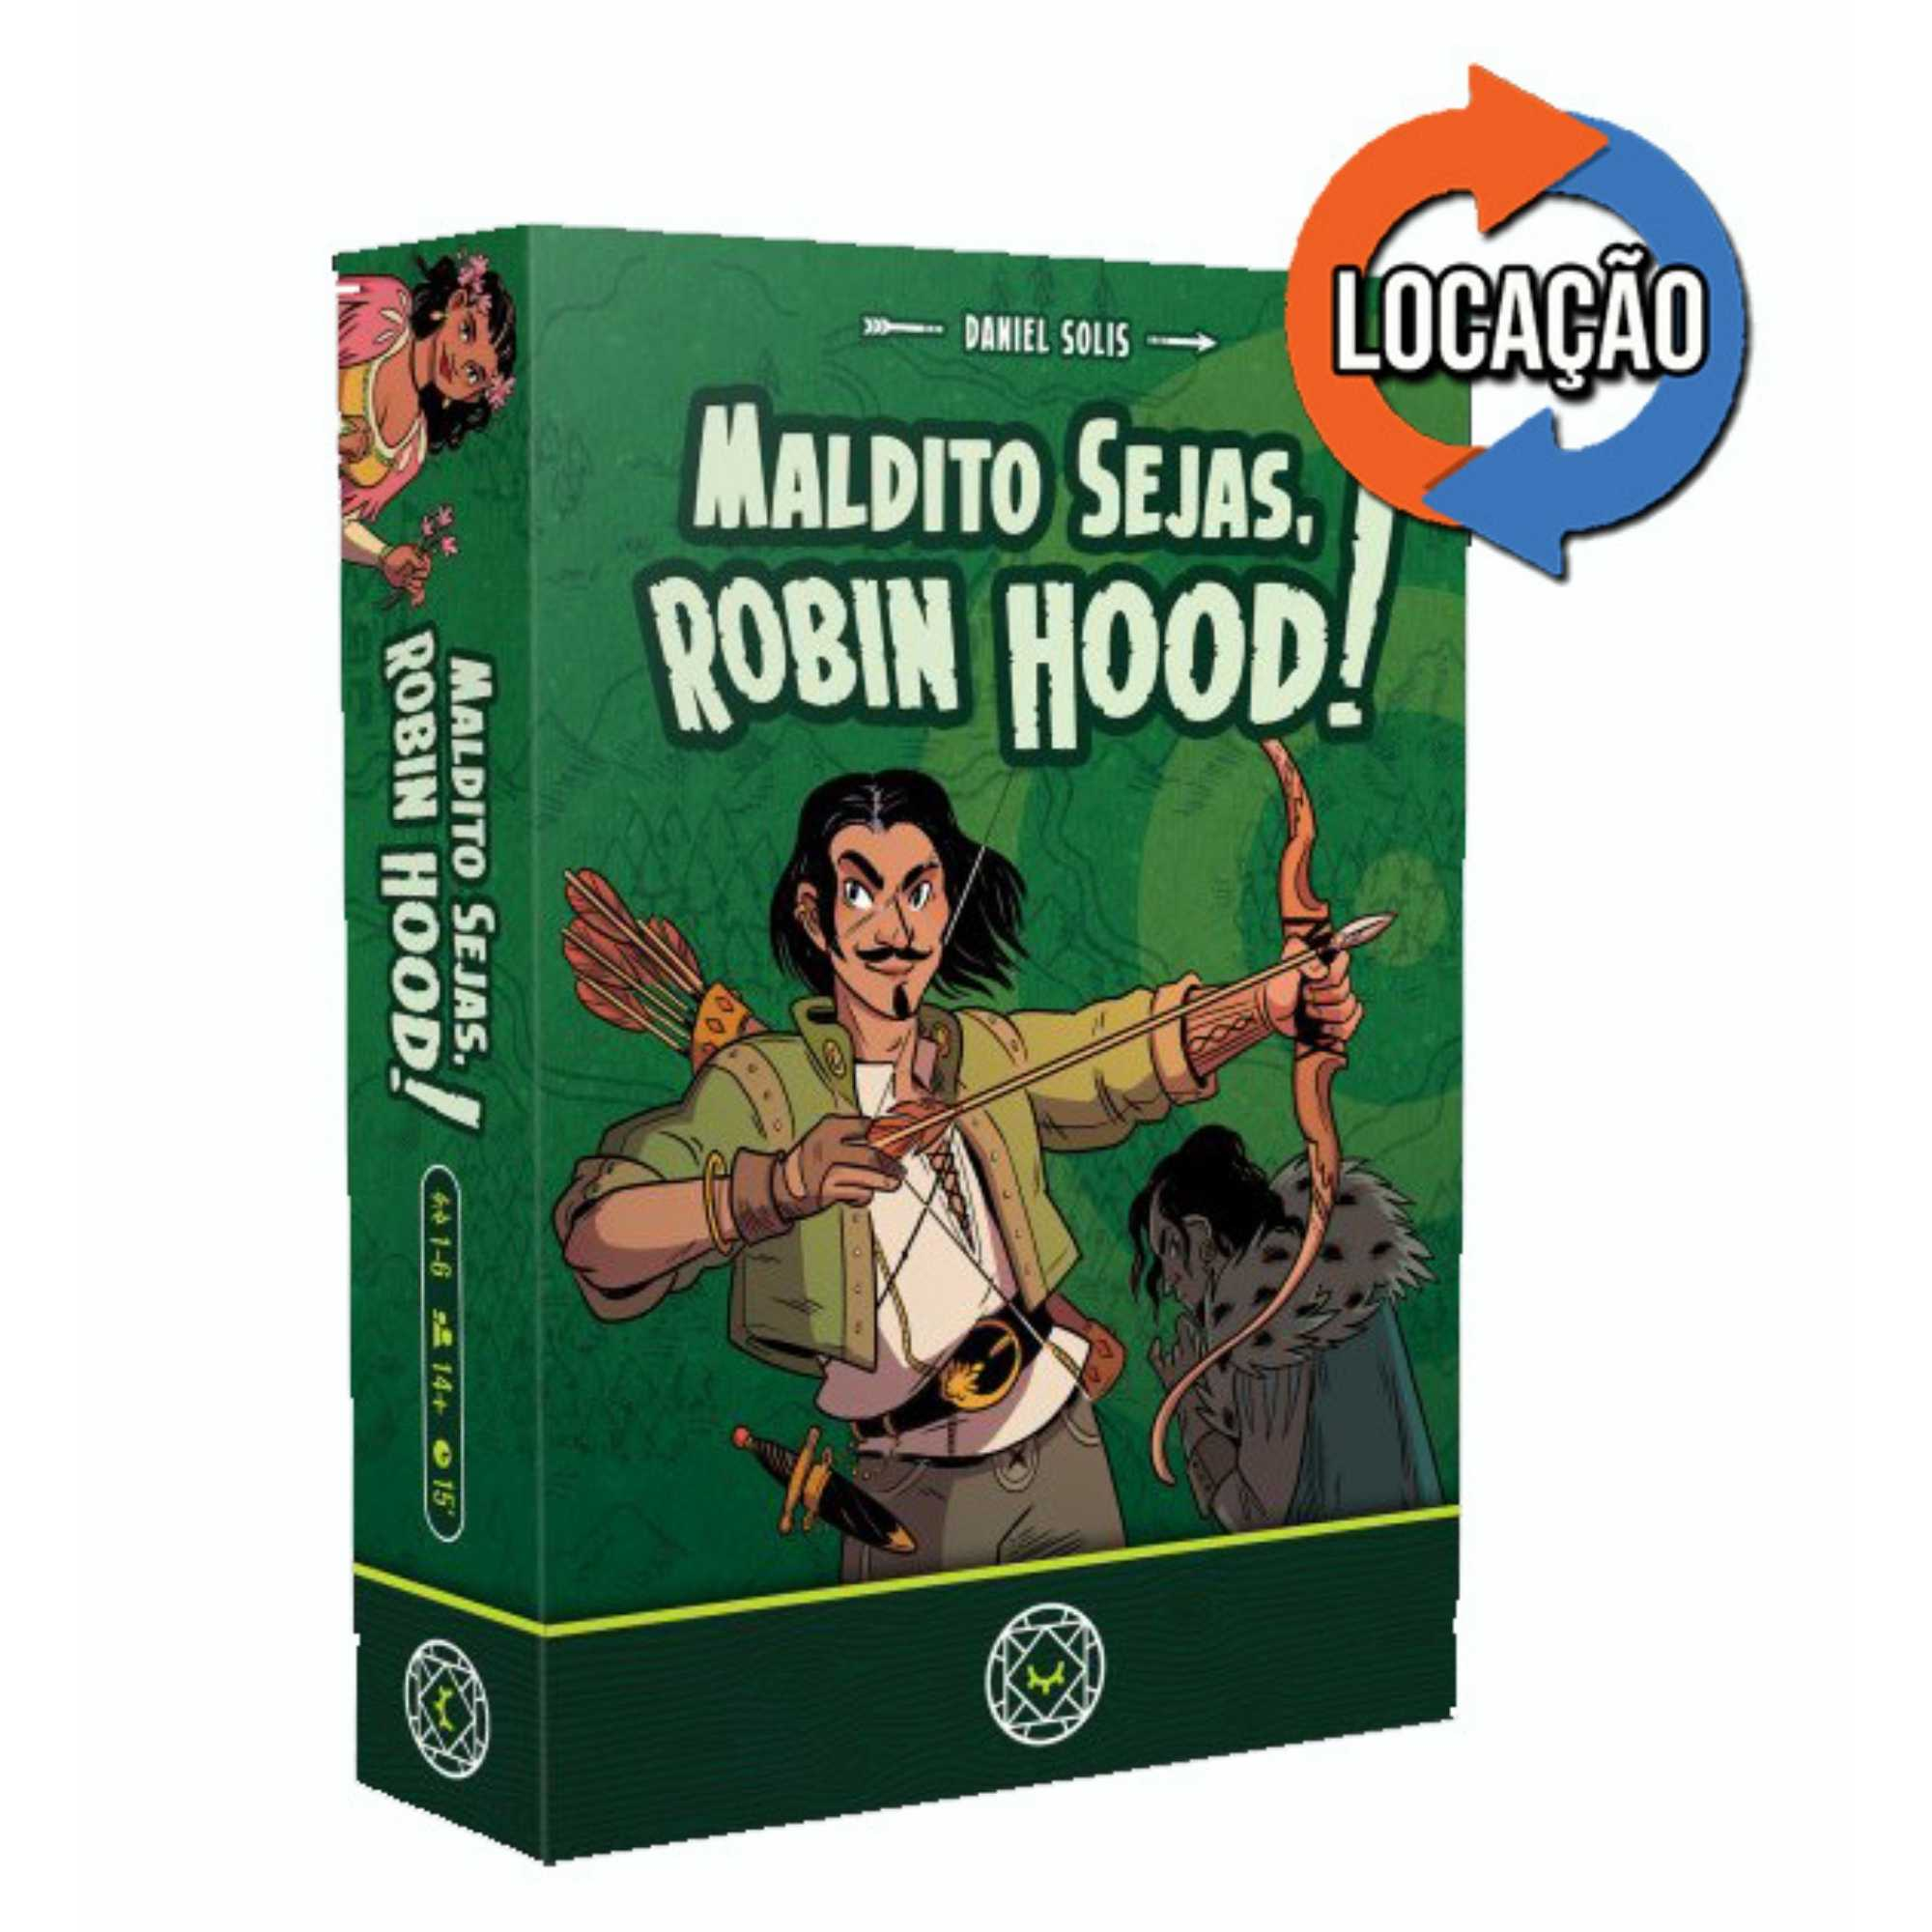 Maldito Sejas, Robin Hood! (Locação)